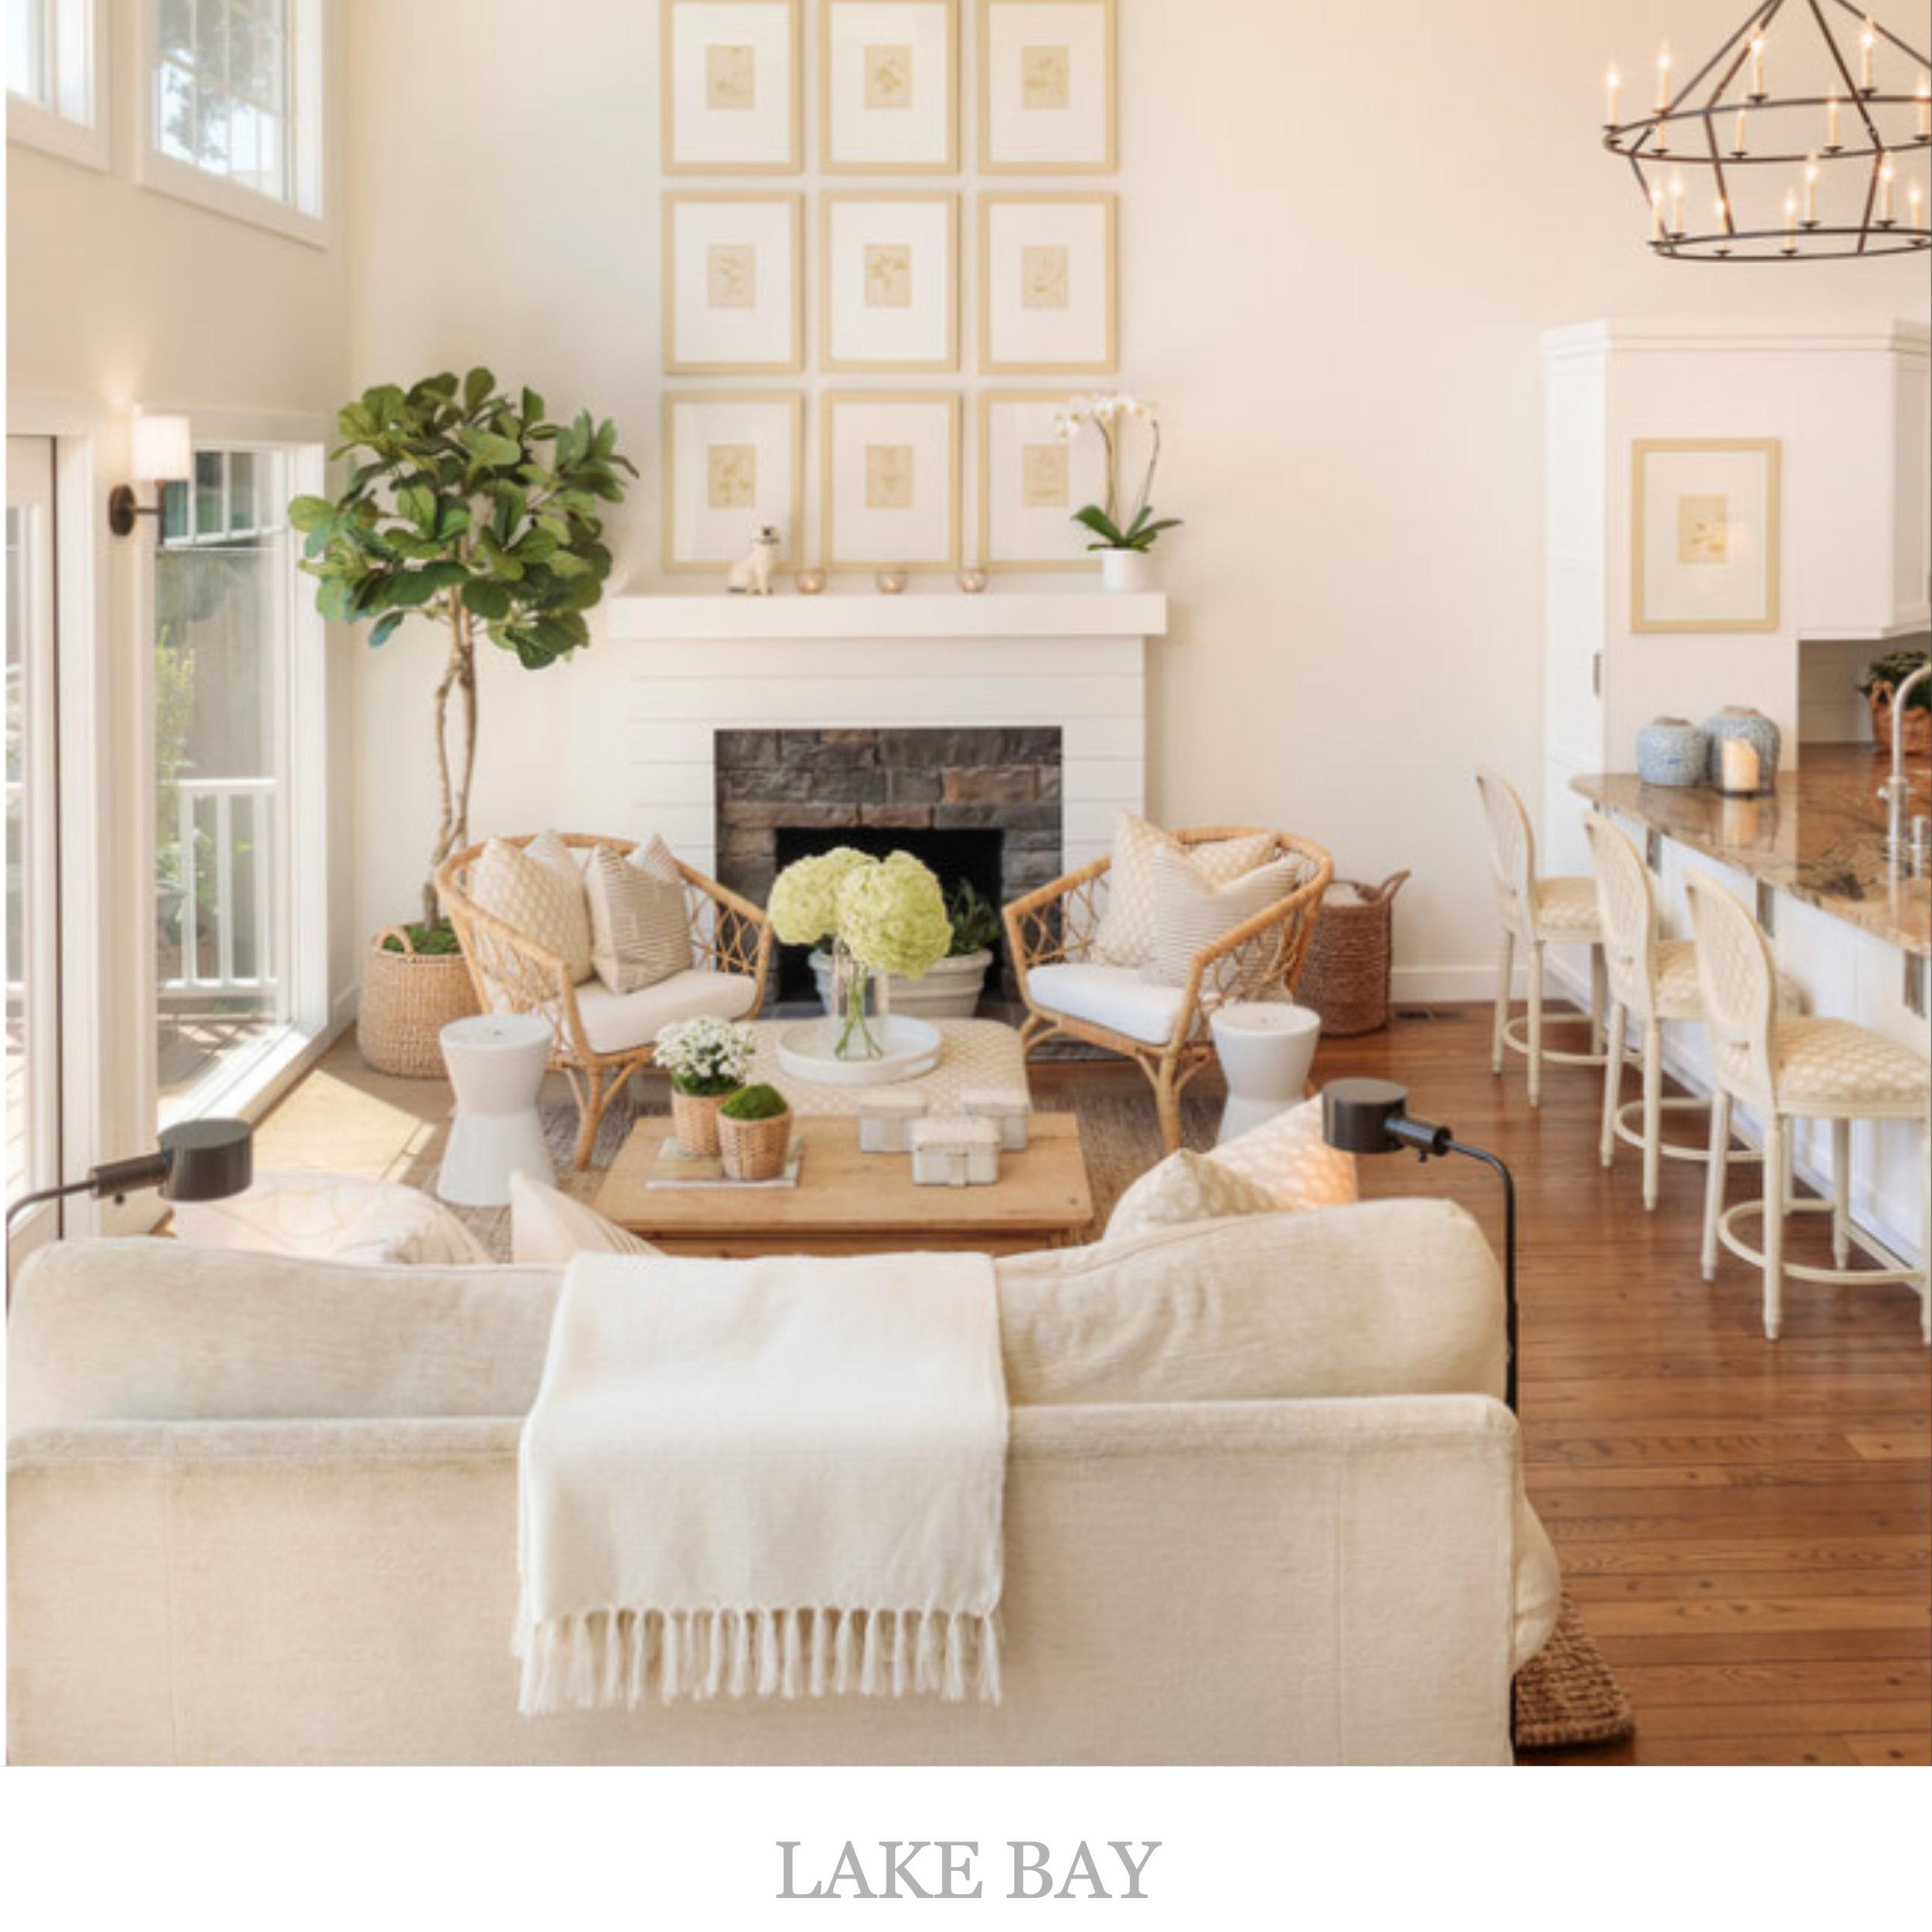 Thumb-LakeBay.jpg